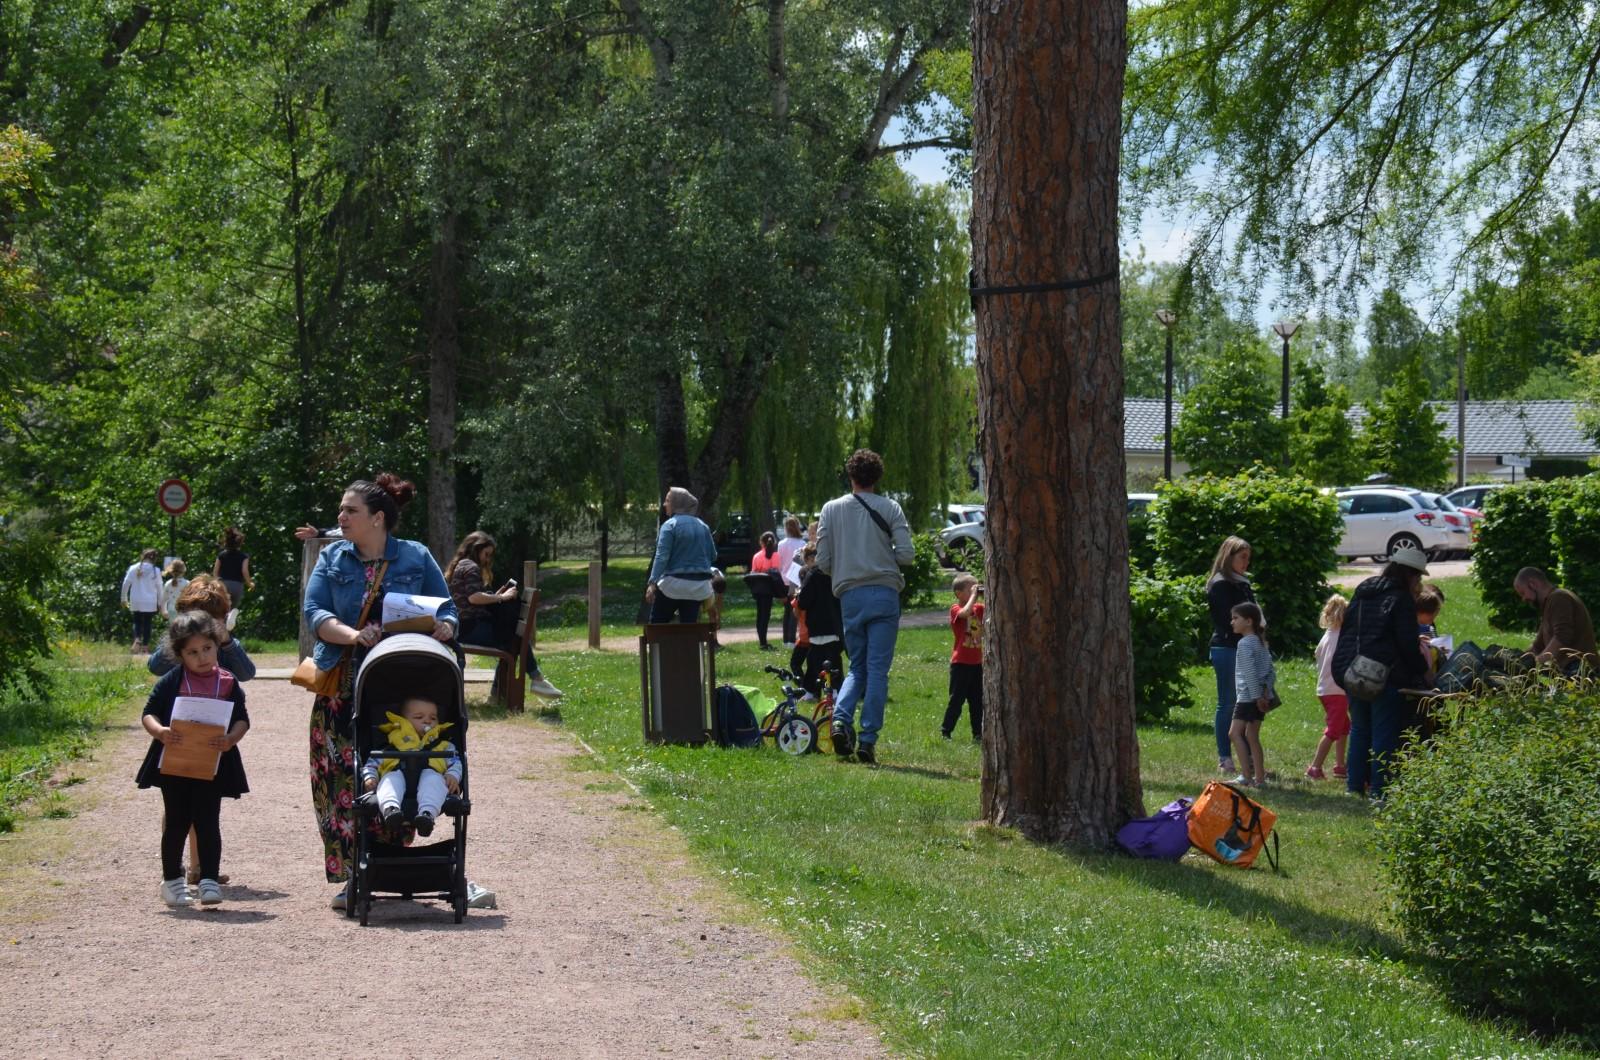 fête de la nature 2019 Bellerive promenade